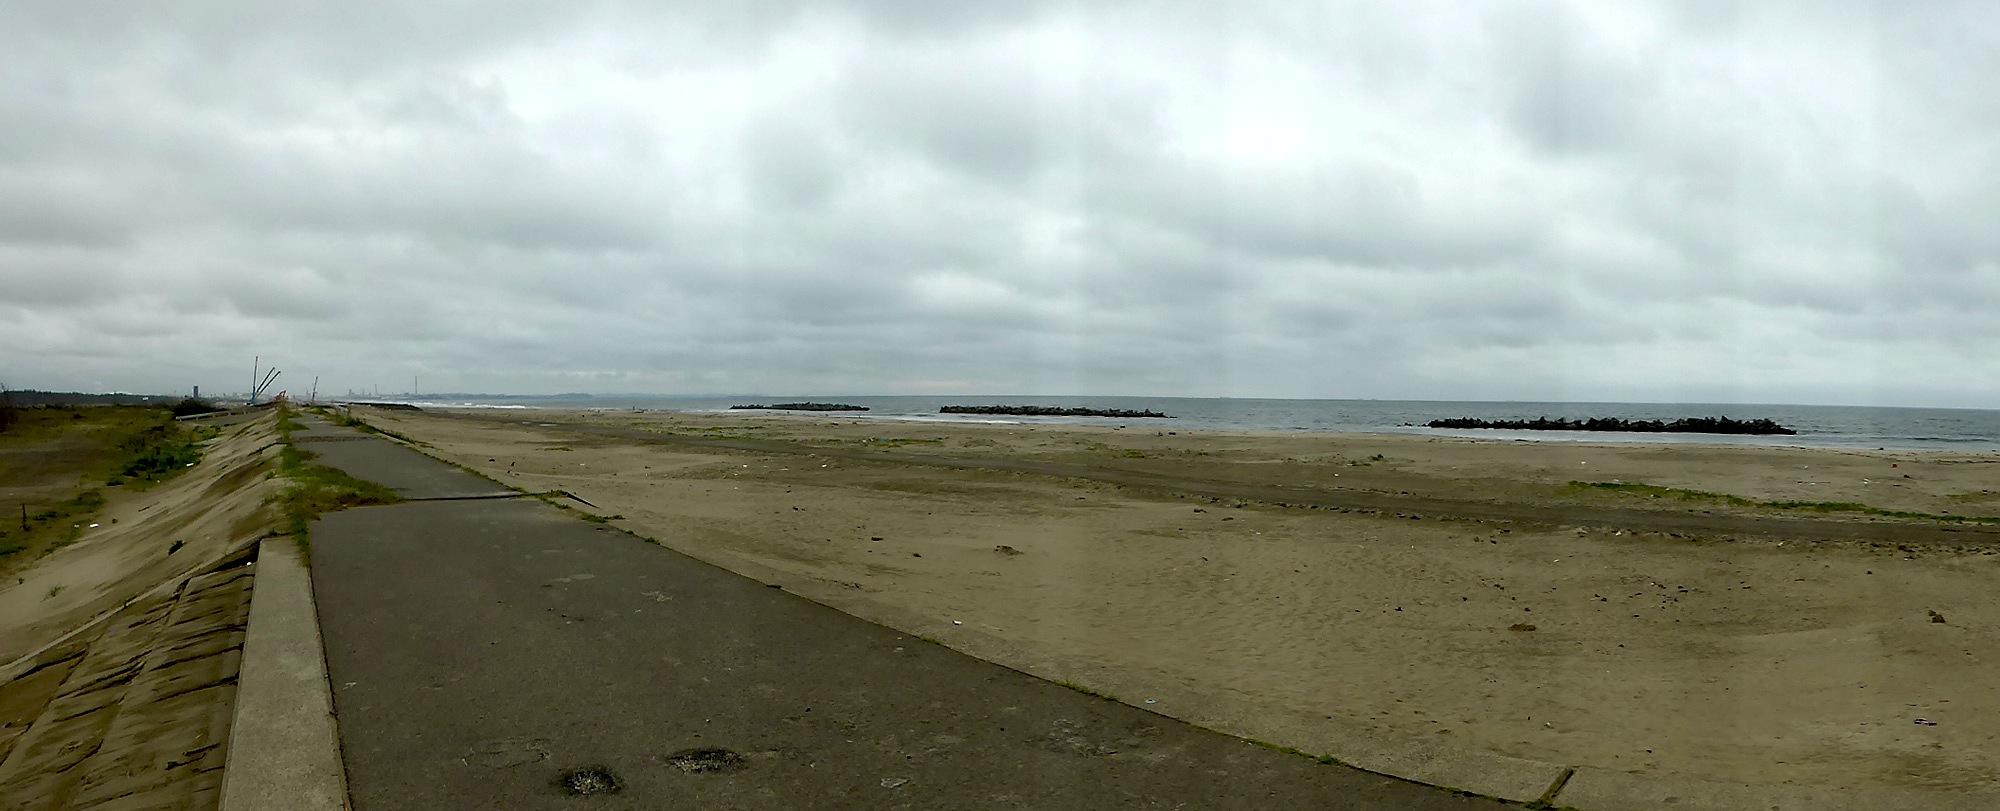 深沼海水浴場